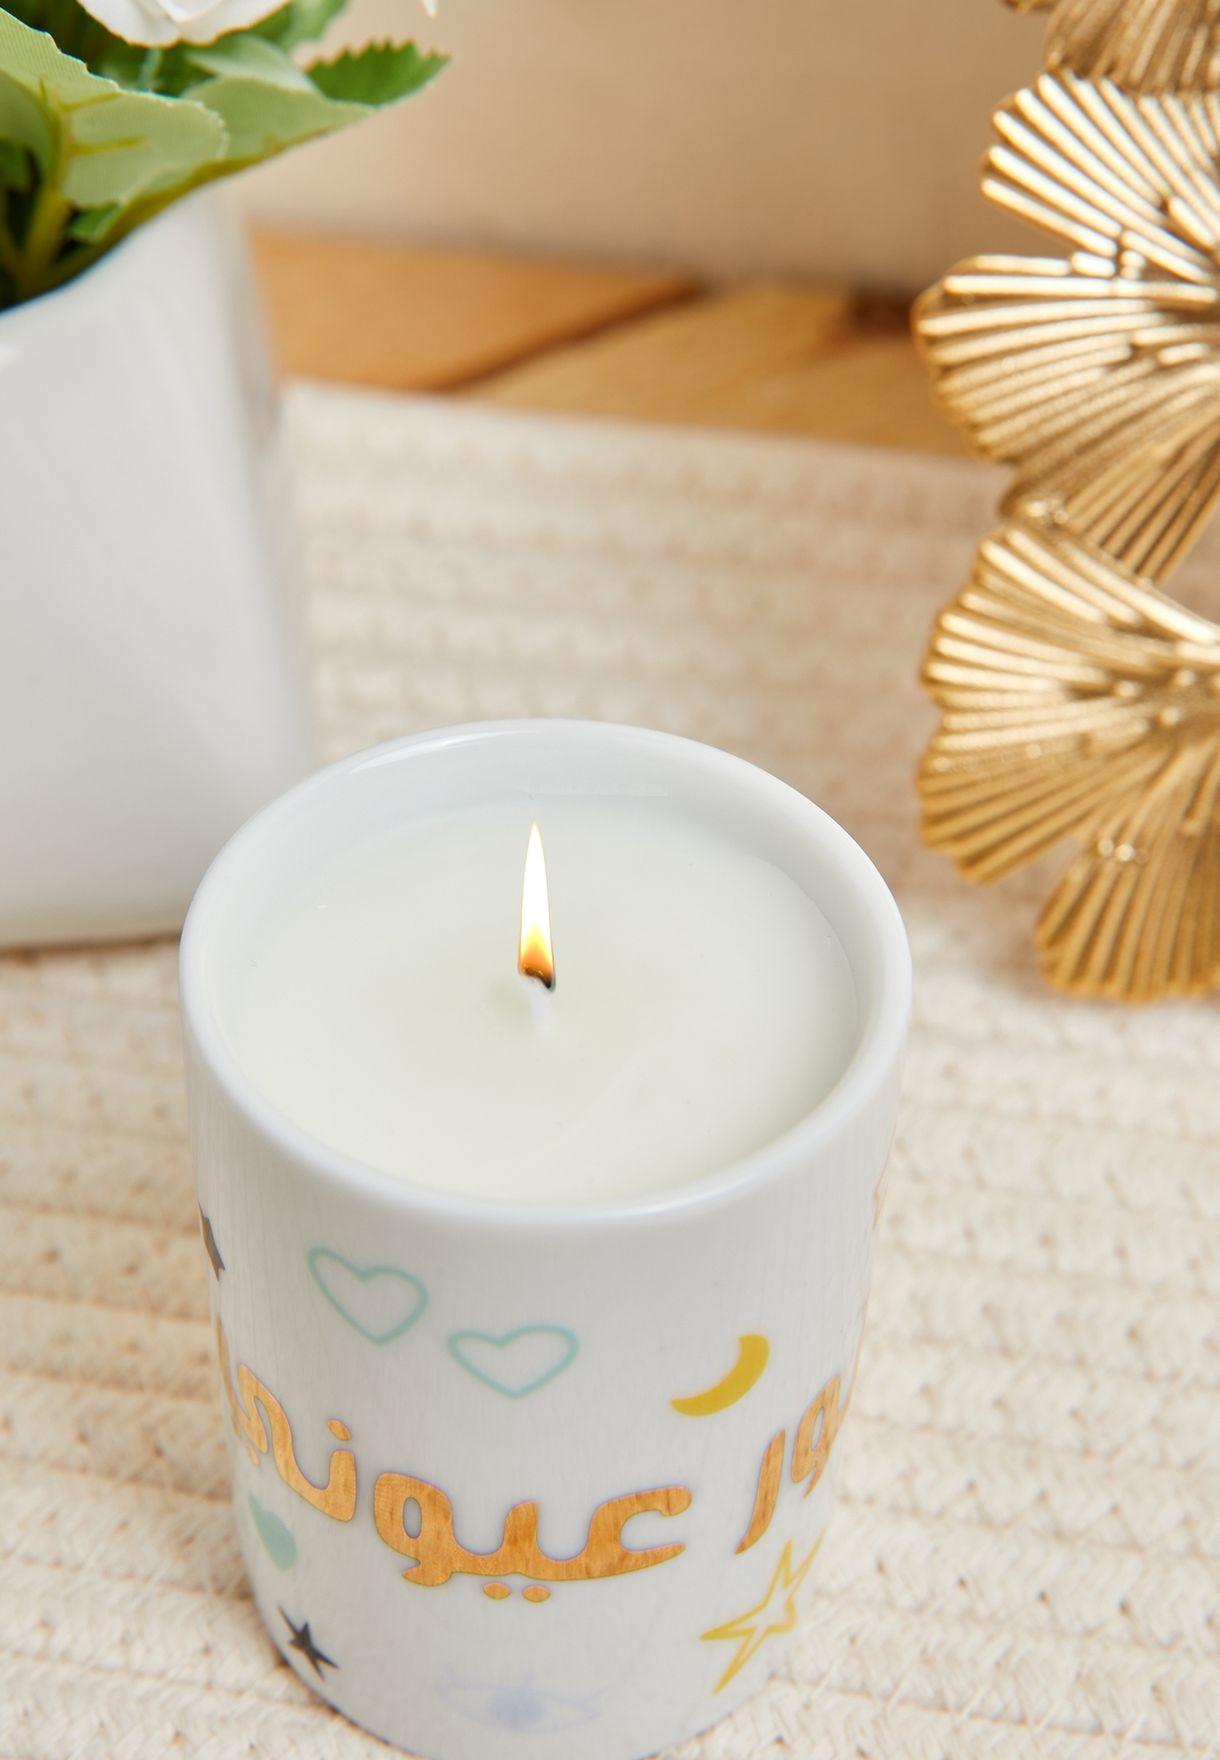 شمعة عطرية بطباعة نور عيوني